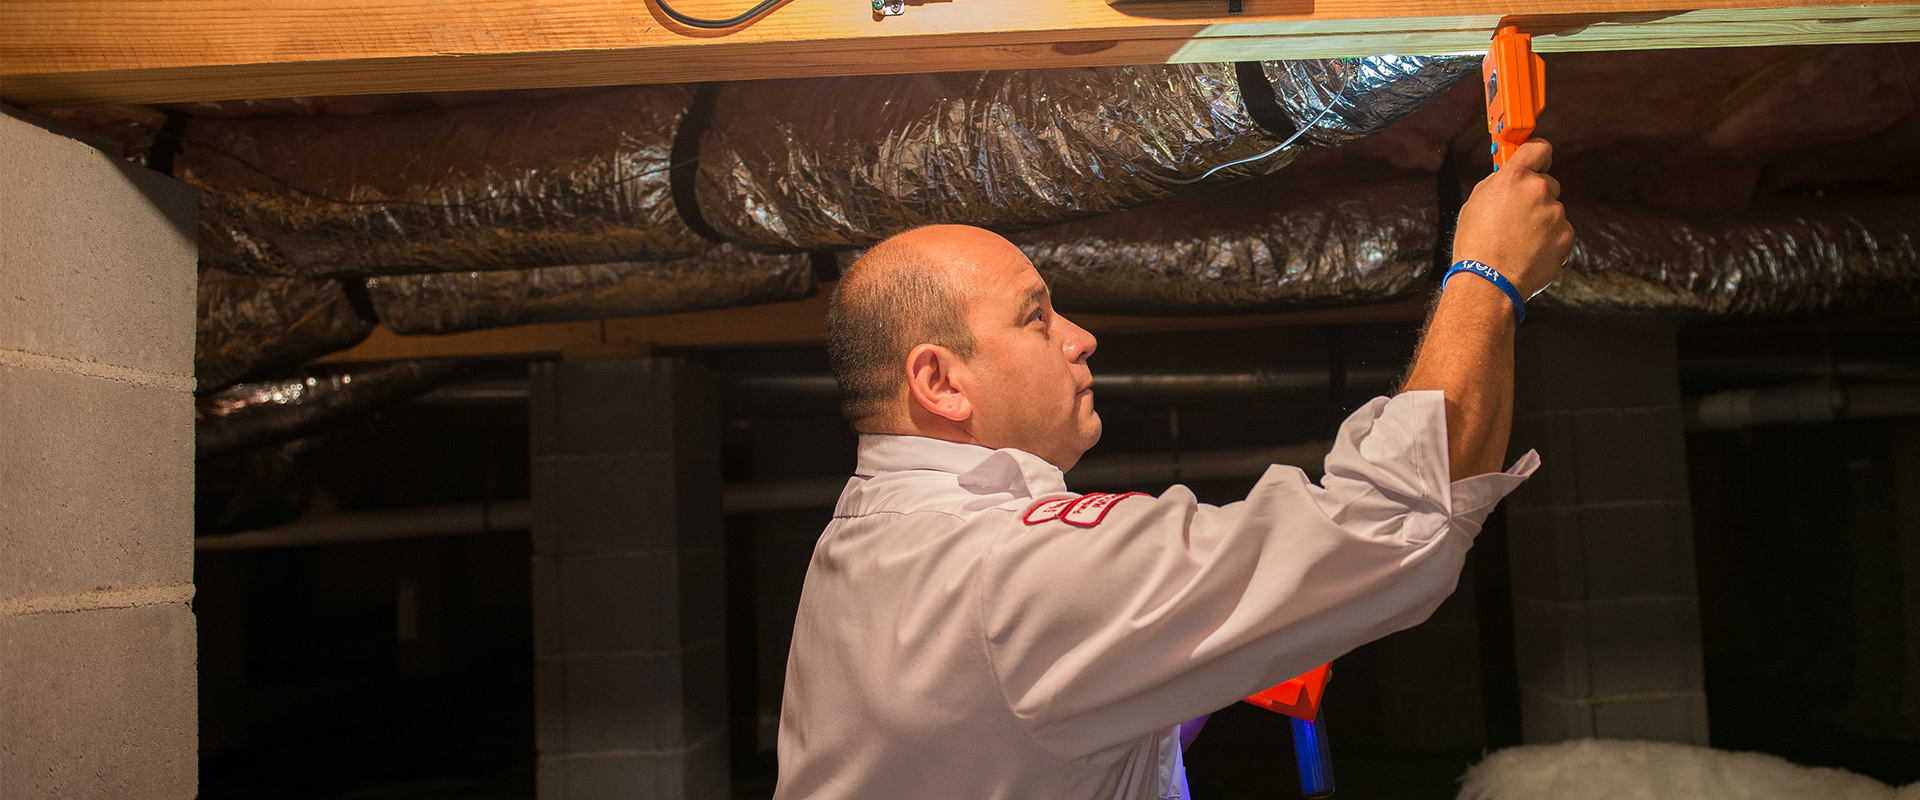 tech doing an inspection for moisture in a basement